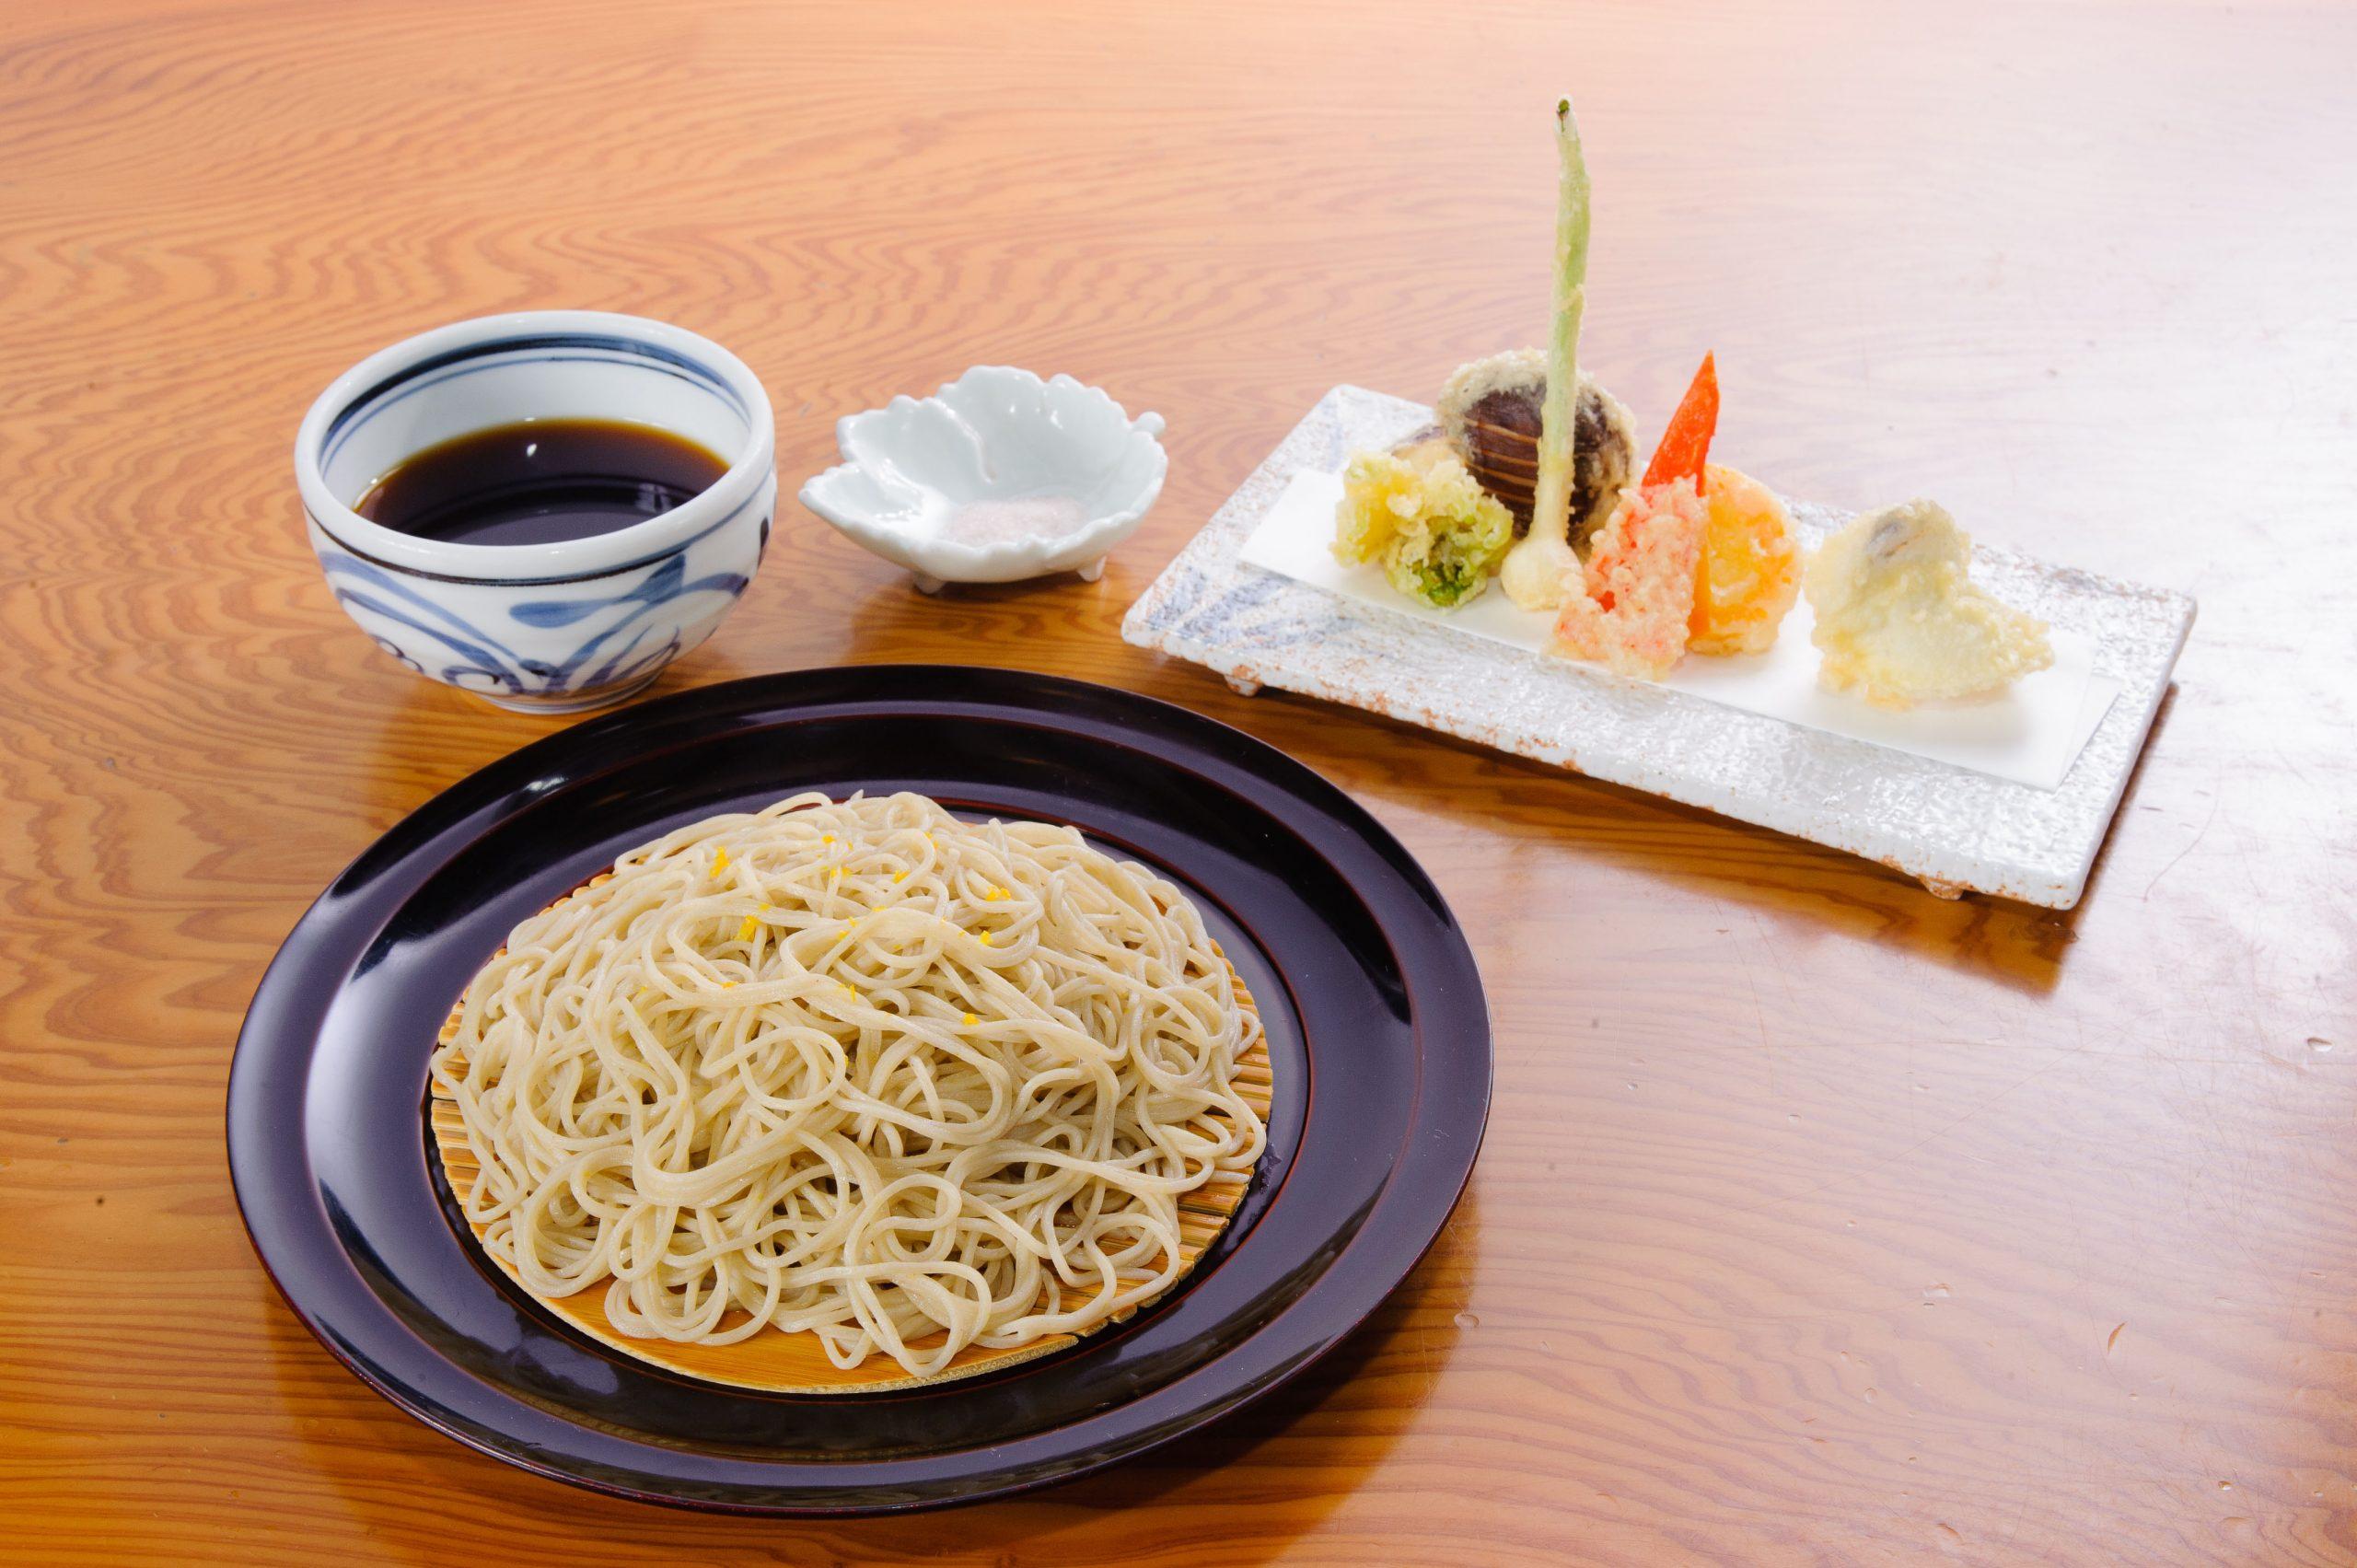 2月限定そば美藏メニュー『柚子切りと季節の天ぷら』